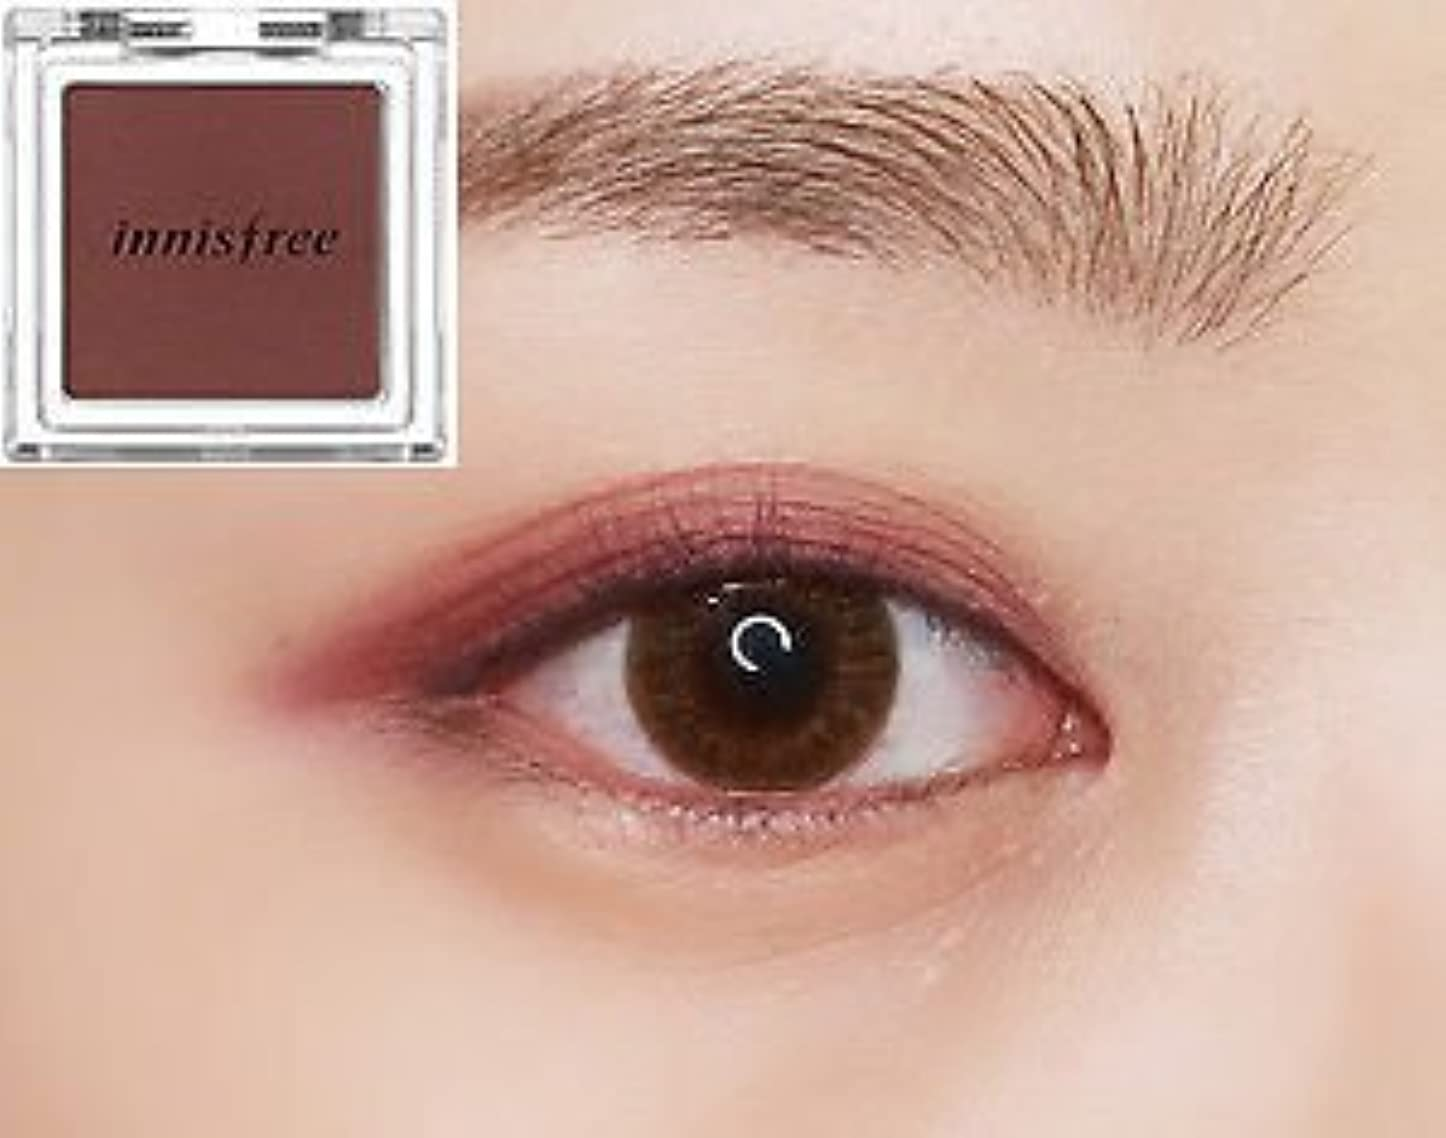 持ってる耳ヘビー[イニスフリー] innisfree [マイ パレット マイ アイシャドウ (マット) 40カラー] MY PALETTE My Eyeshadow (Matte) 40 Shades [海外直送品] (マット #30)